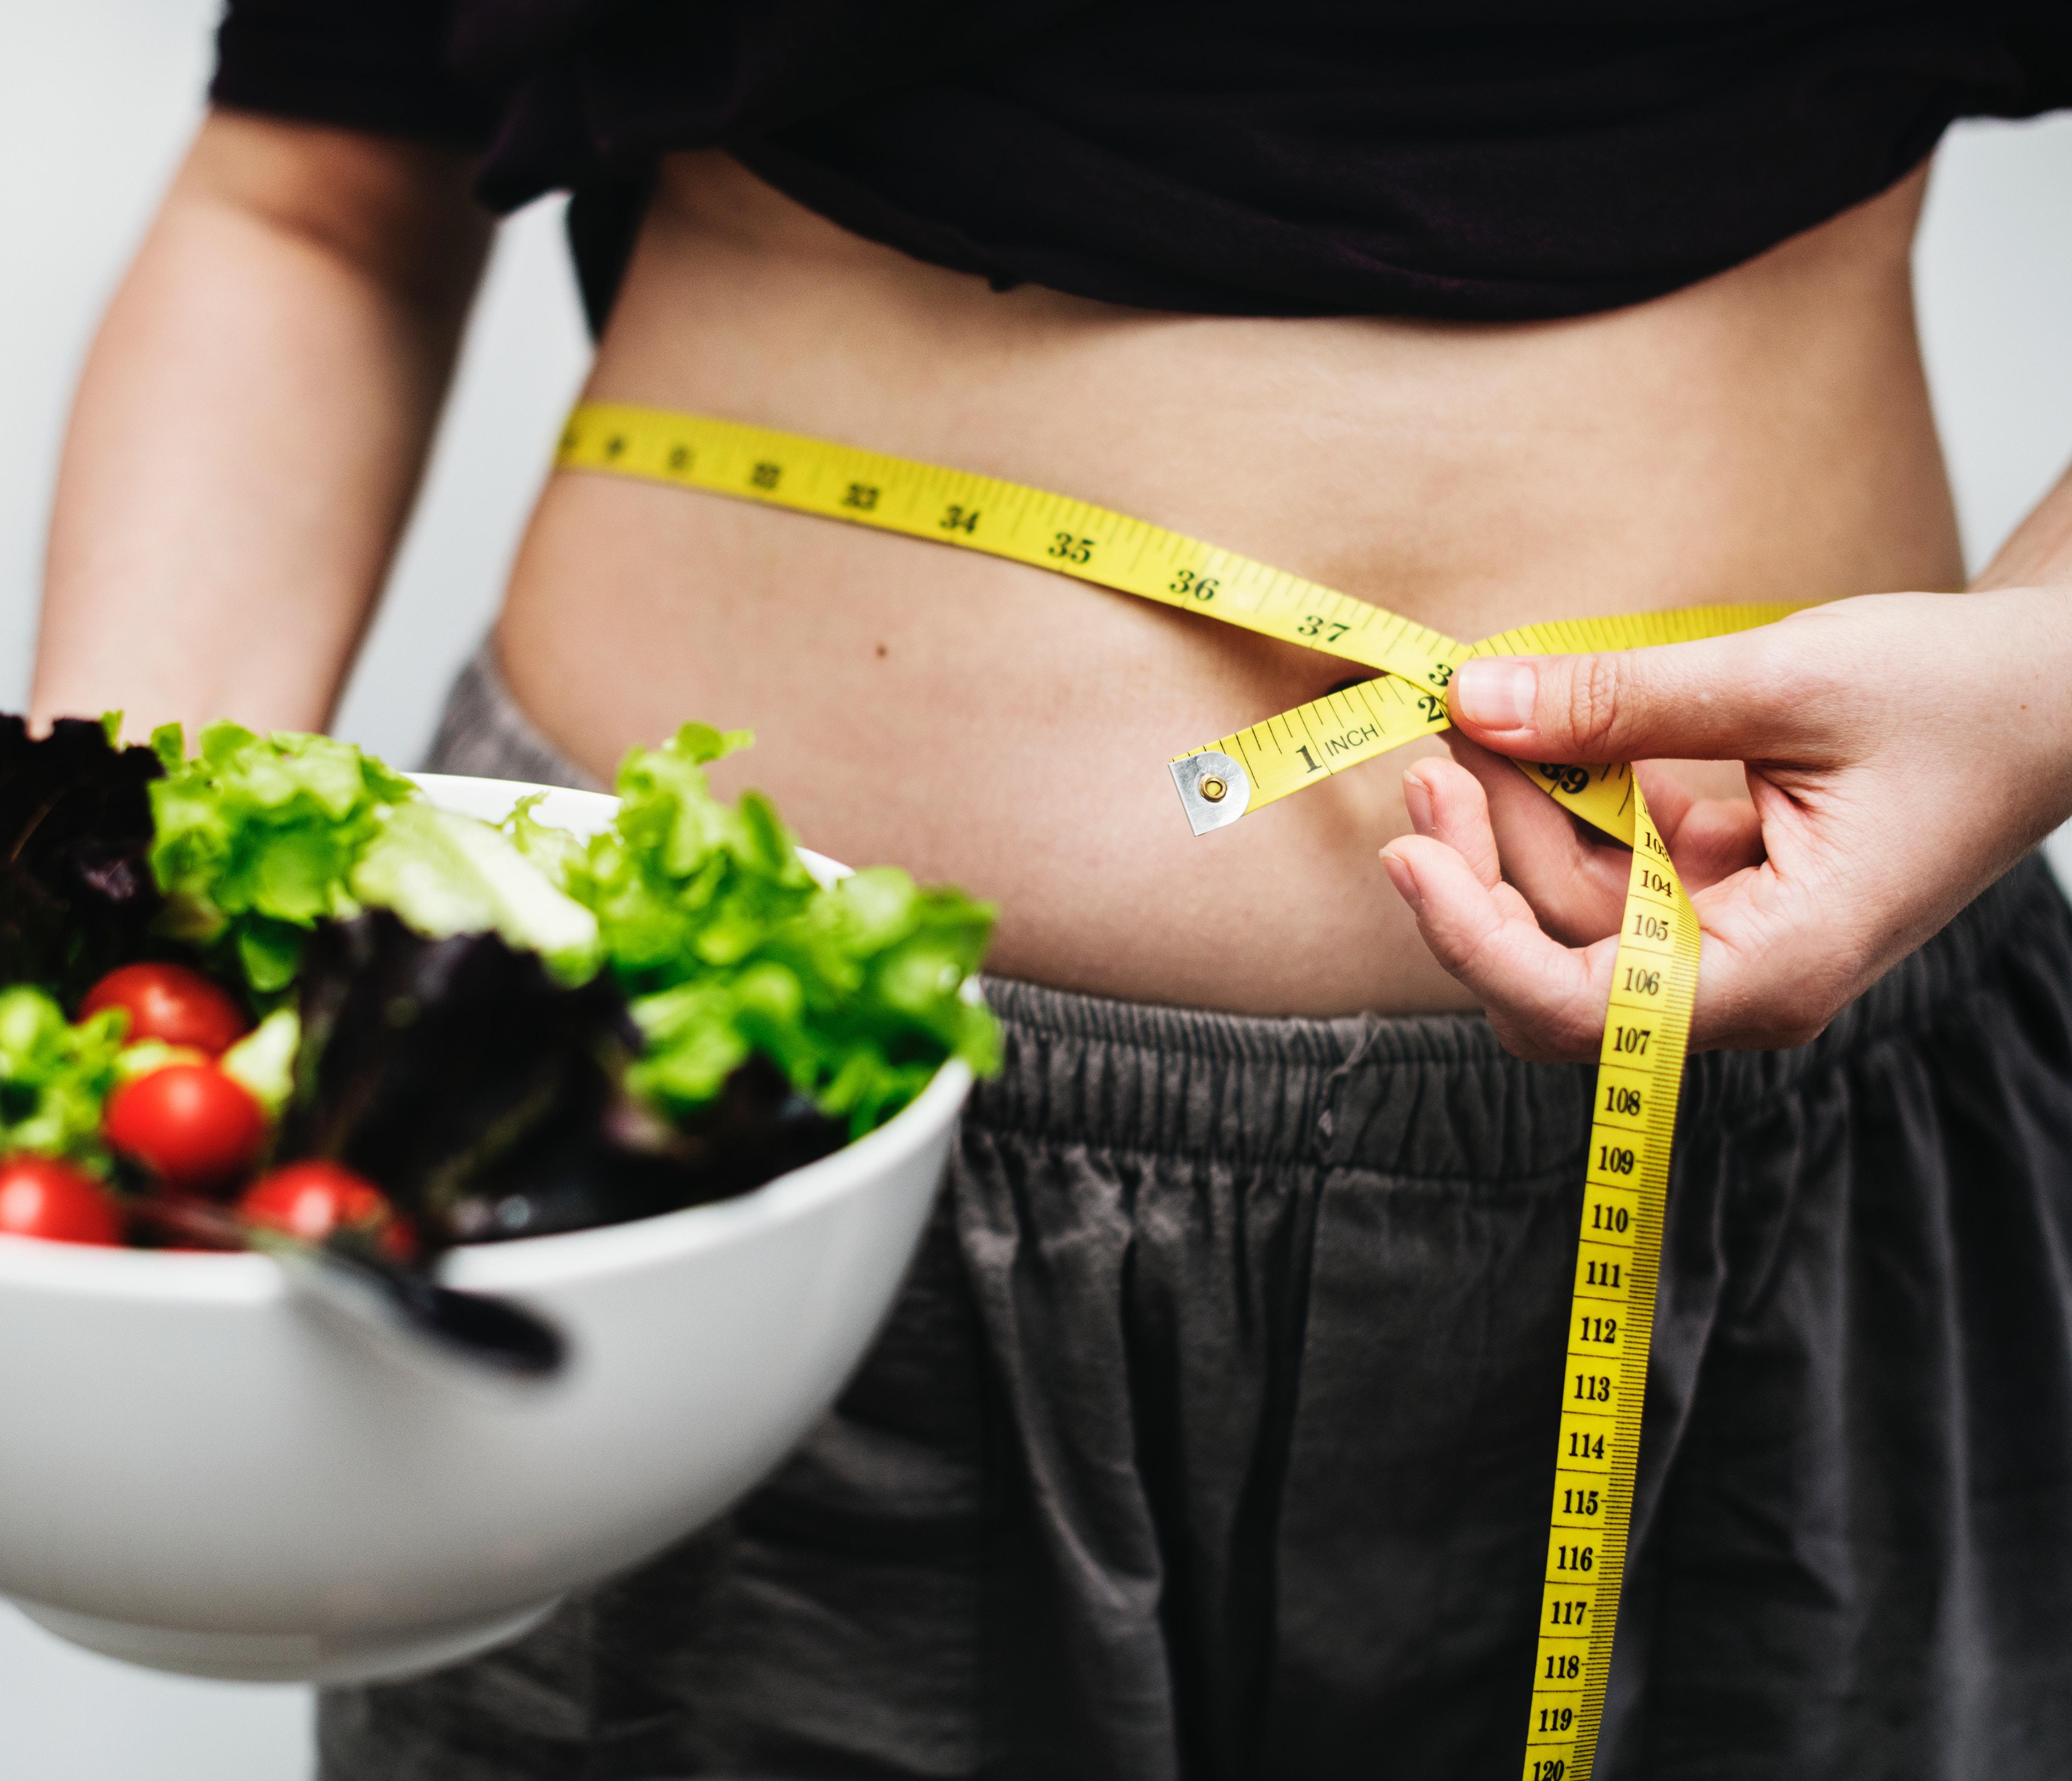 diéta a bőr egészségének javítása érdekében